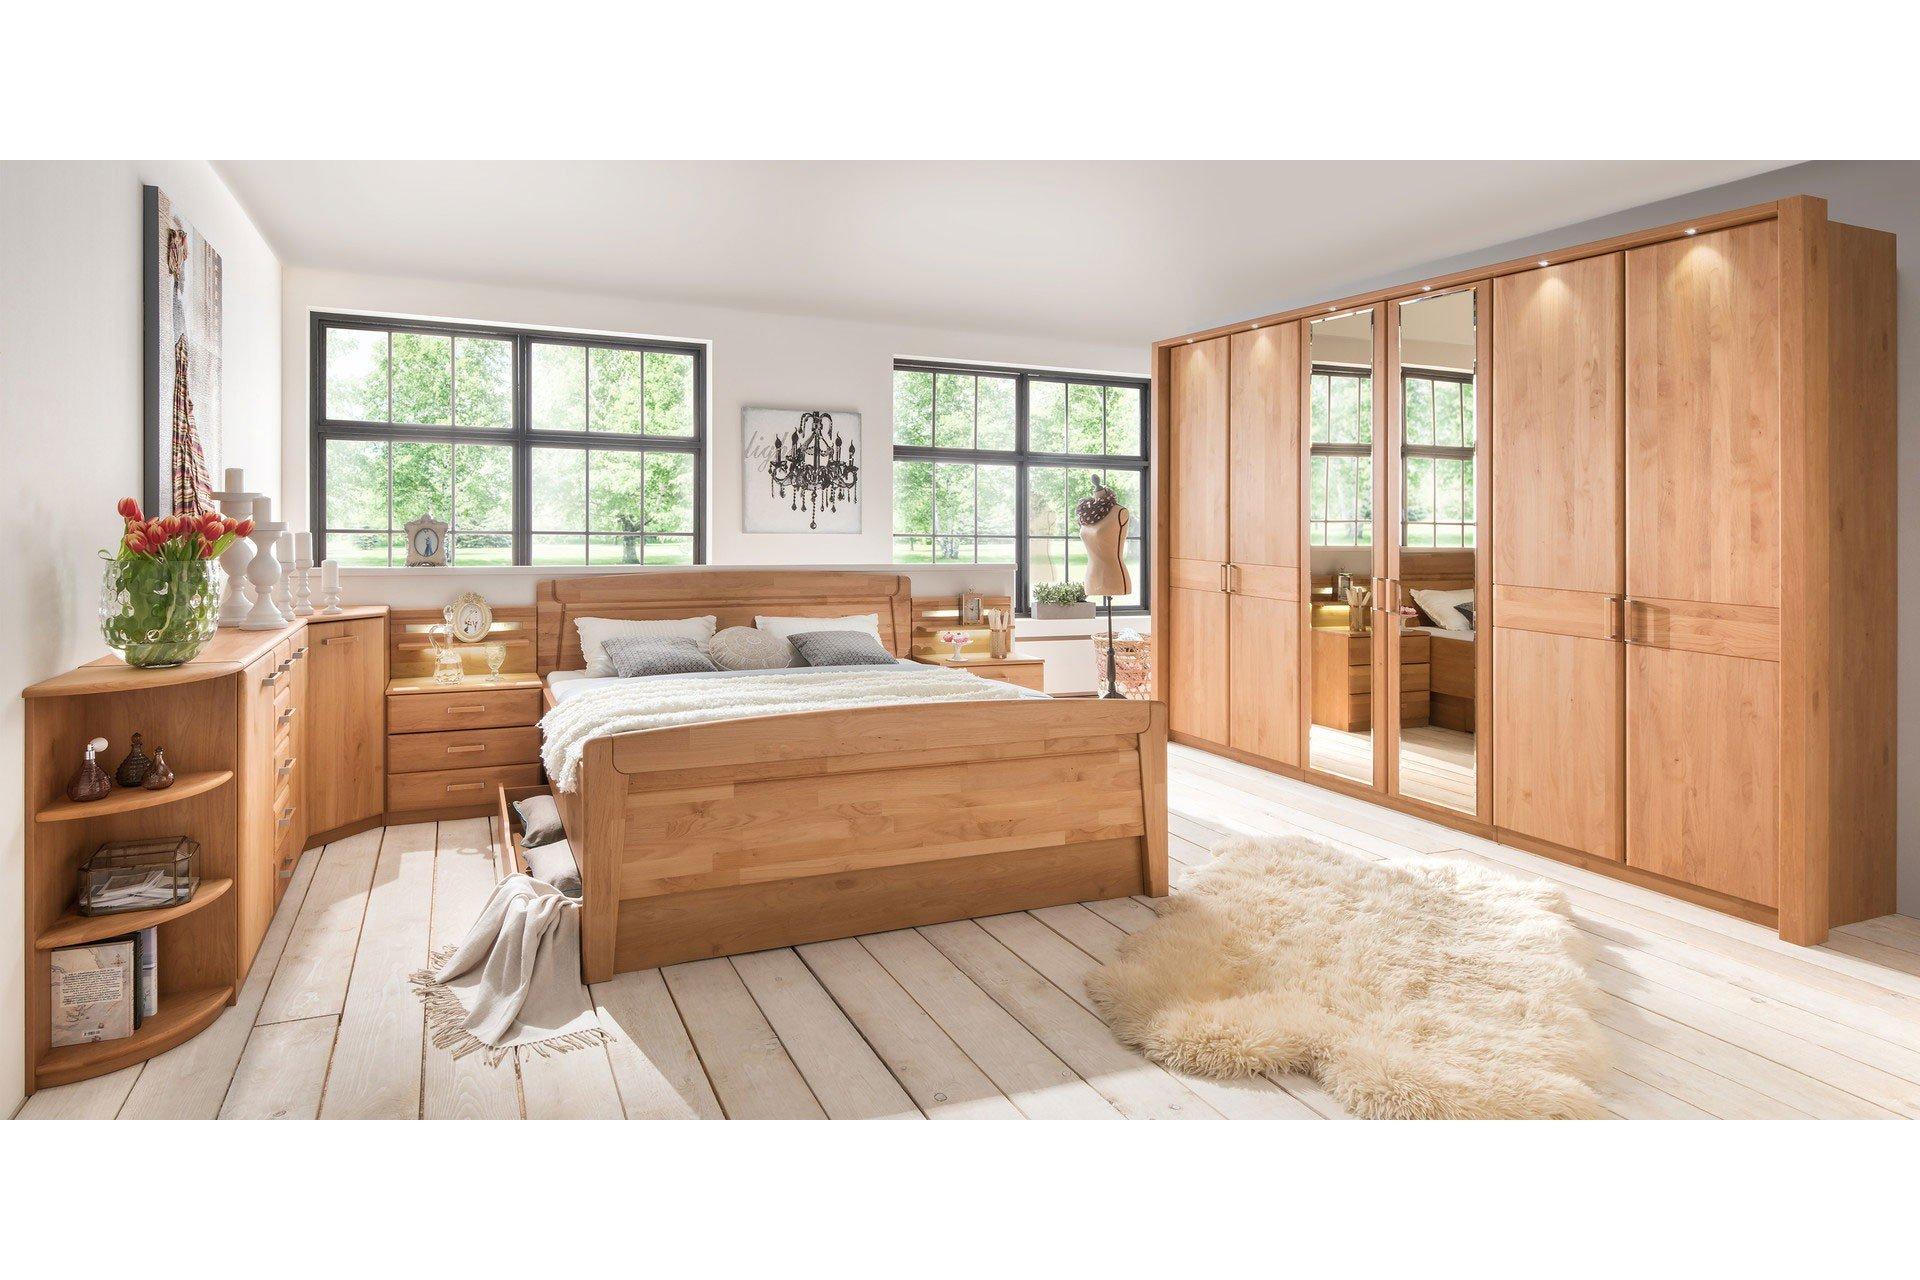 wiemann lausanne senioren schlafzimmer m bel letz ihr online shop. Black Bedroom Furniture Sets. Home Design Ideas